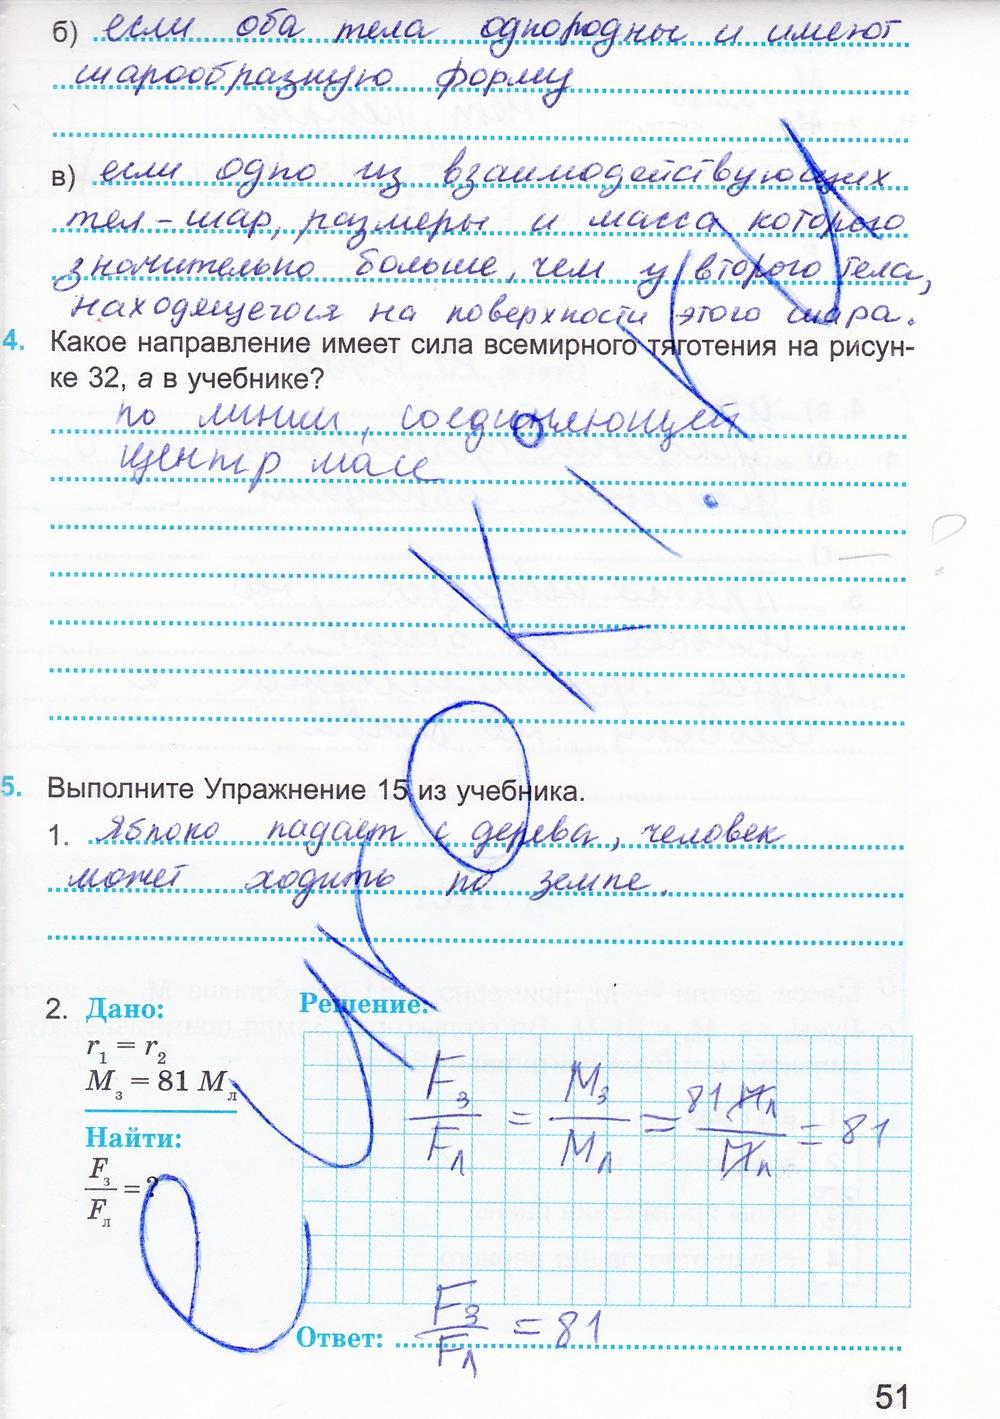 Решебник за 9 класс по физике рабочая тетрадь касьянов дмитриева